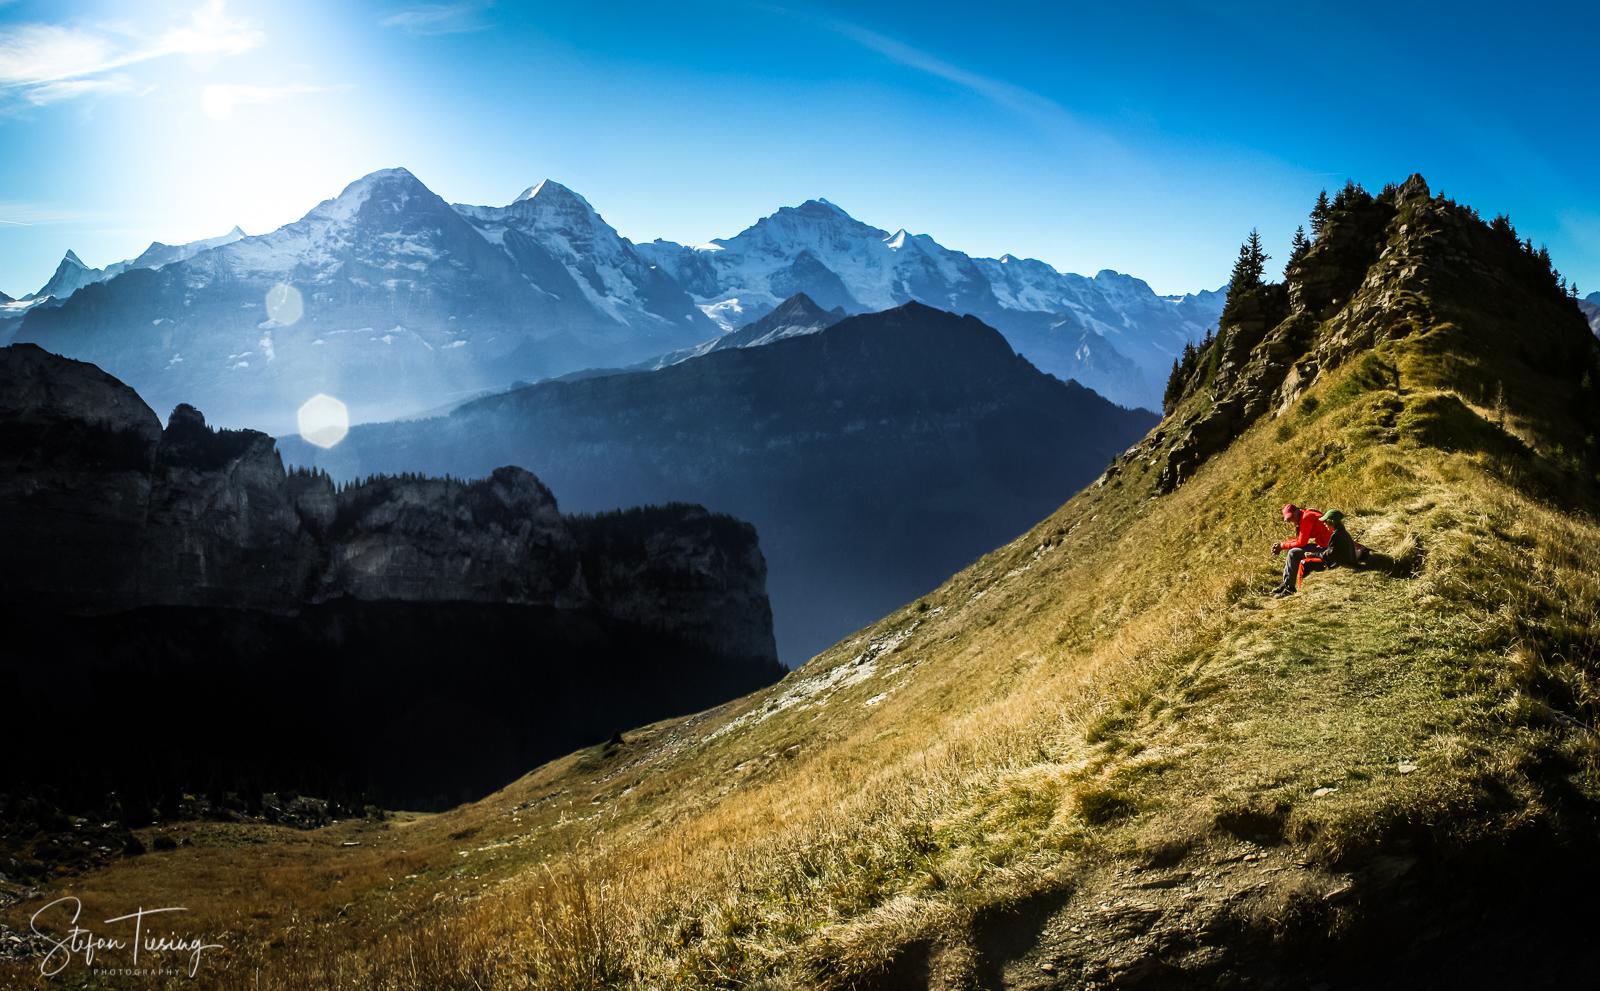 Eiger Ultra Trail, Switzerland